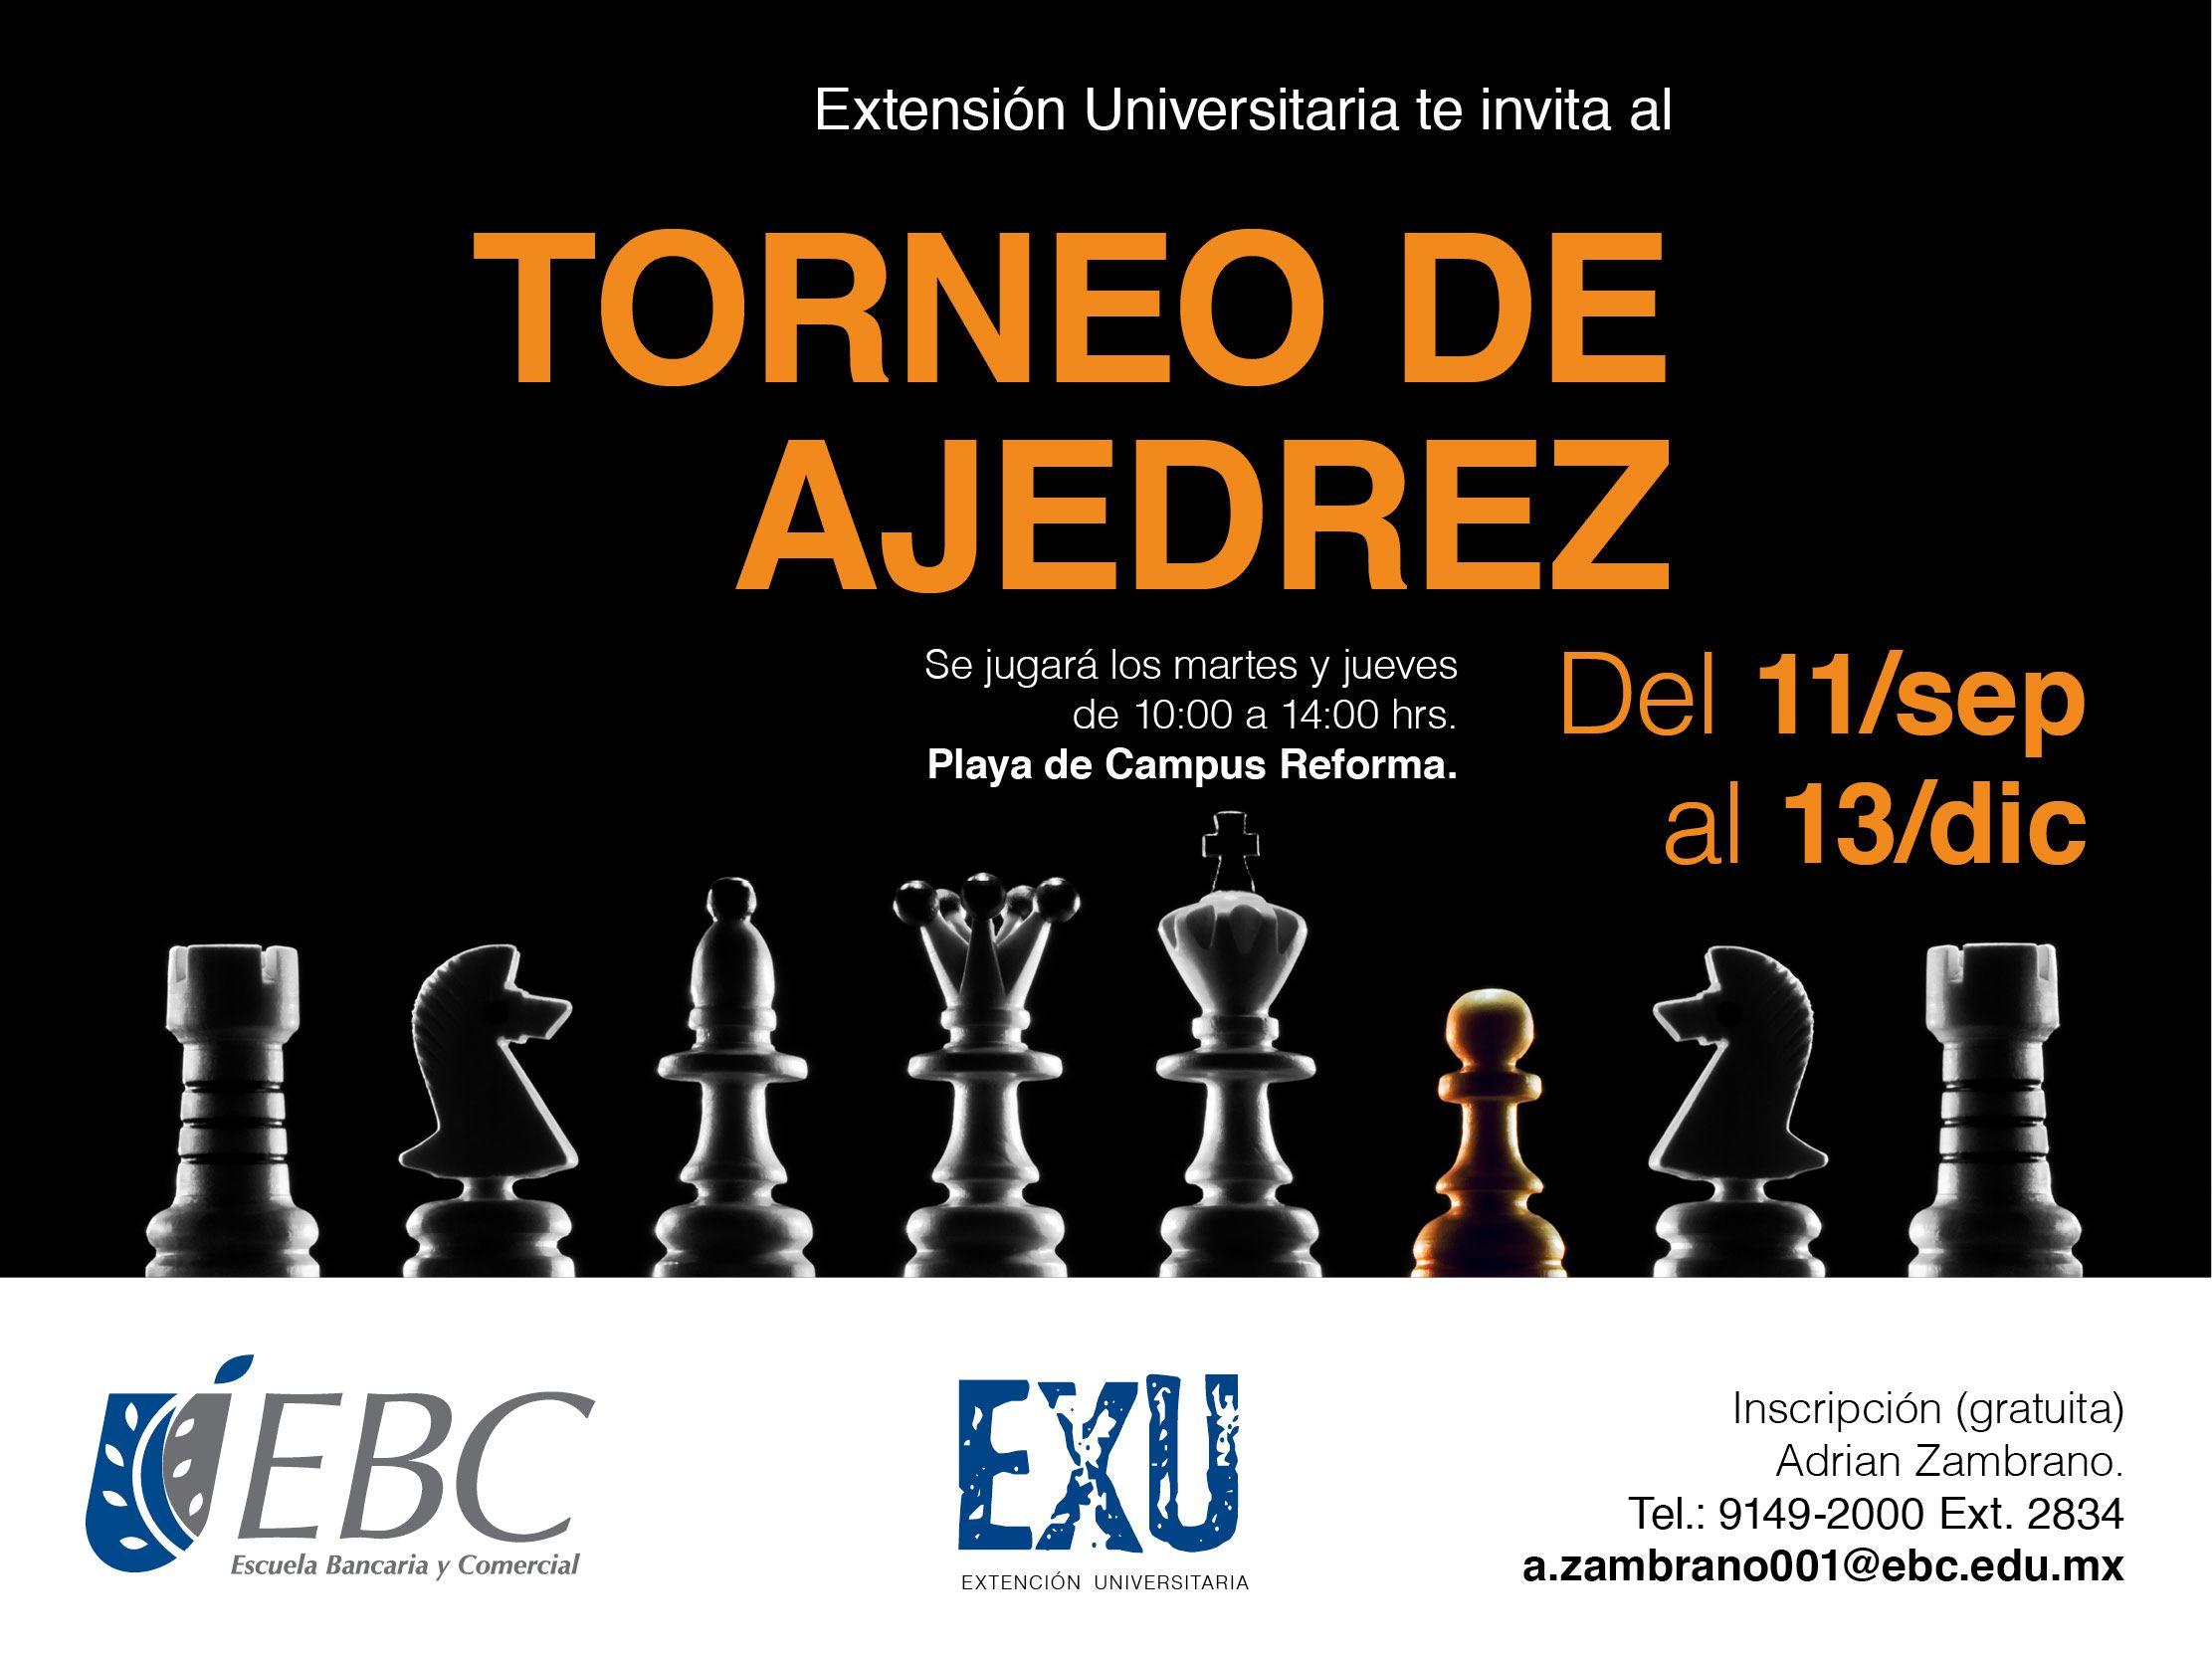 ¡Ya está el Torneo de Ajedrez! #CampusReforma